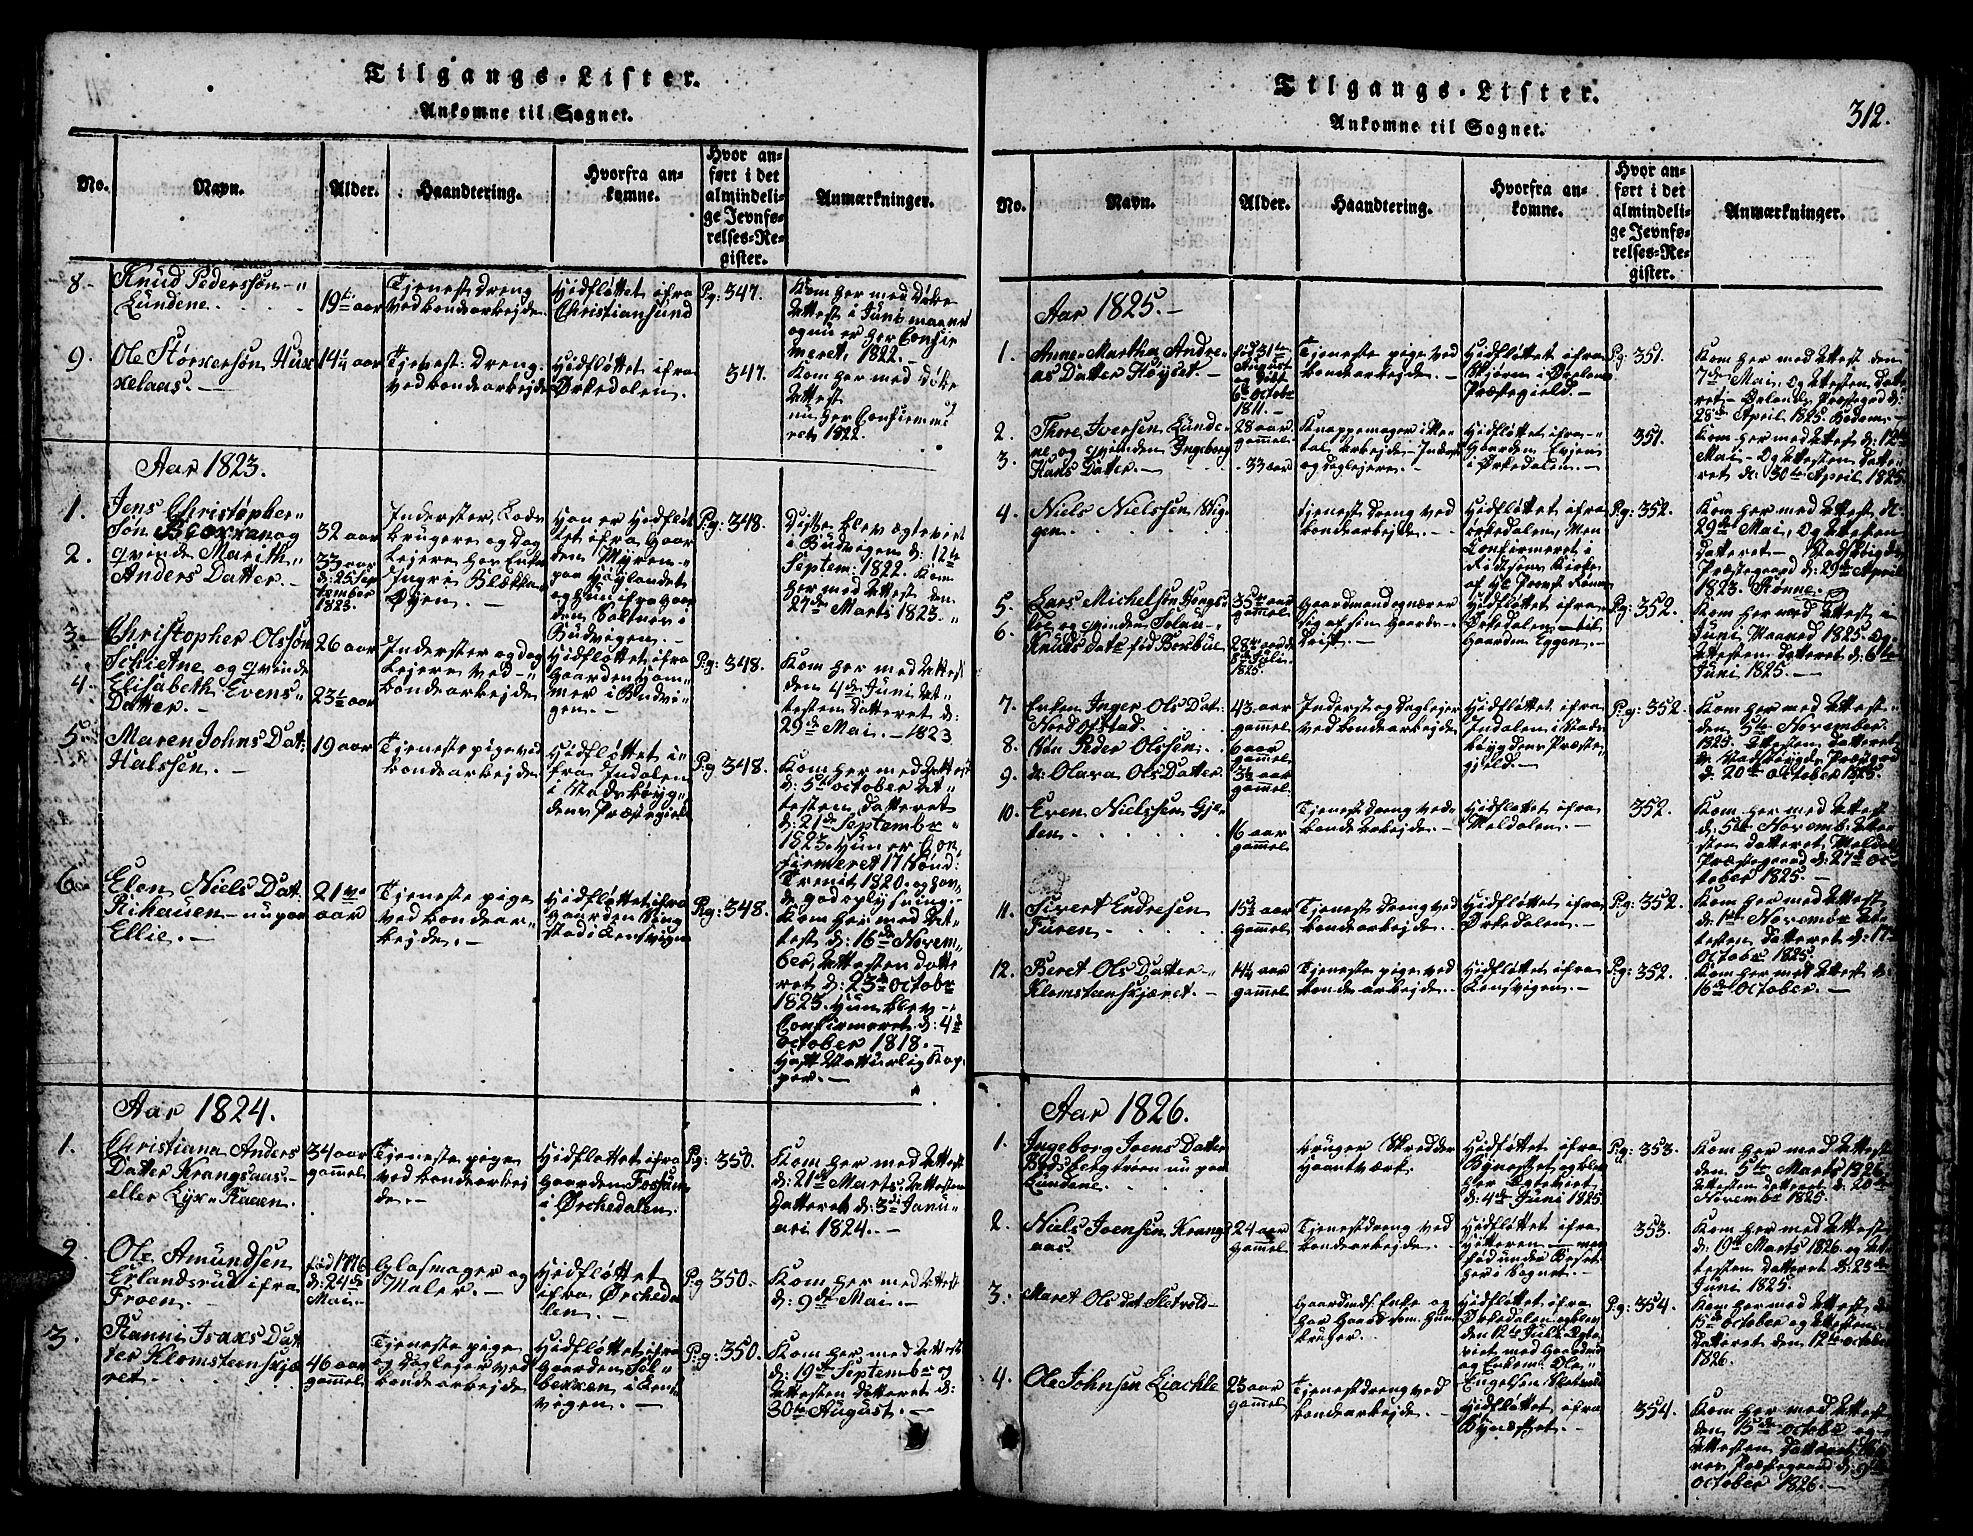 SAT, Ministerialprotokoller, klokkerbøker og fødselsregistre - Sør-Trøndelag, 665/L0776: Klokkerbok nr. 665C01, 1817-1837, s. 312